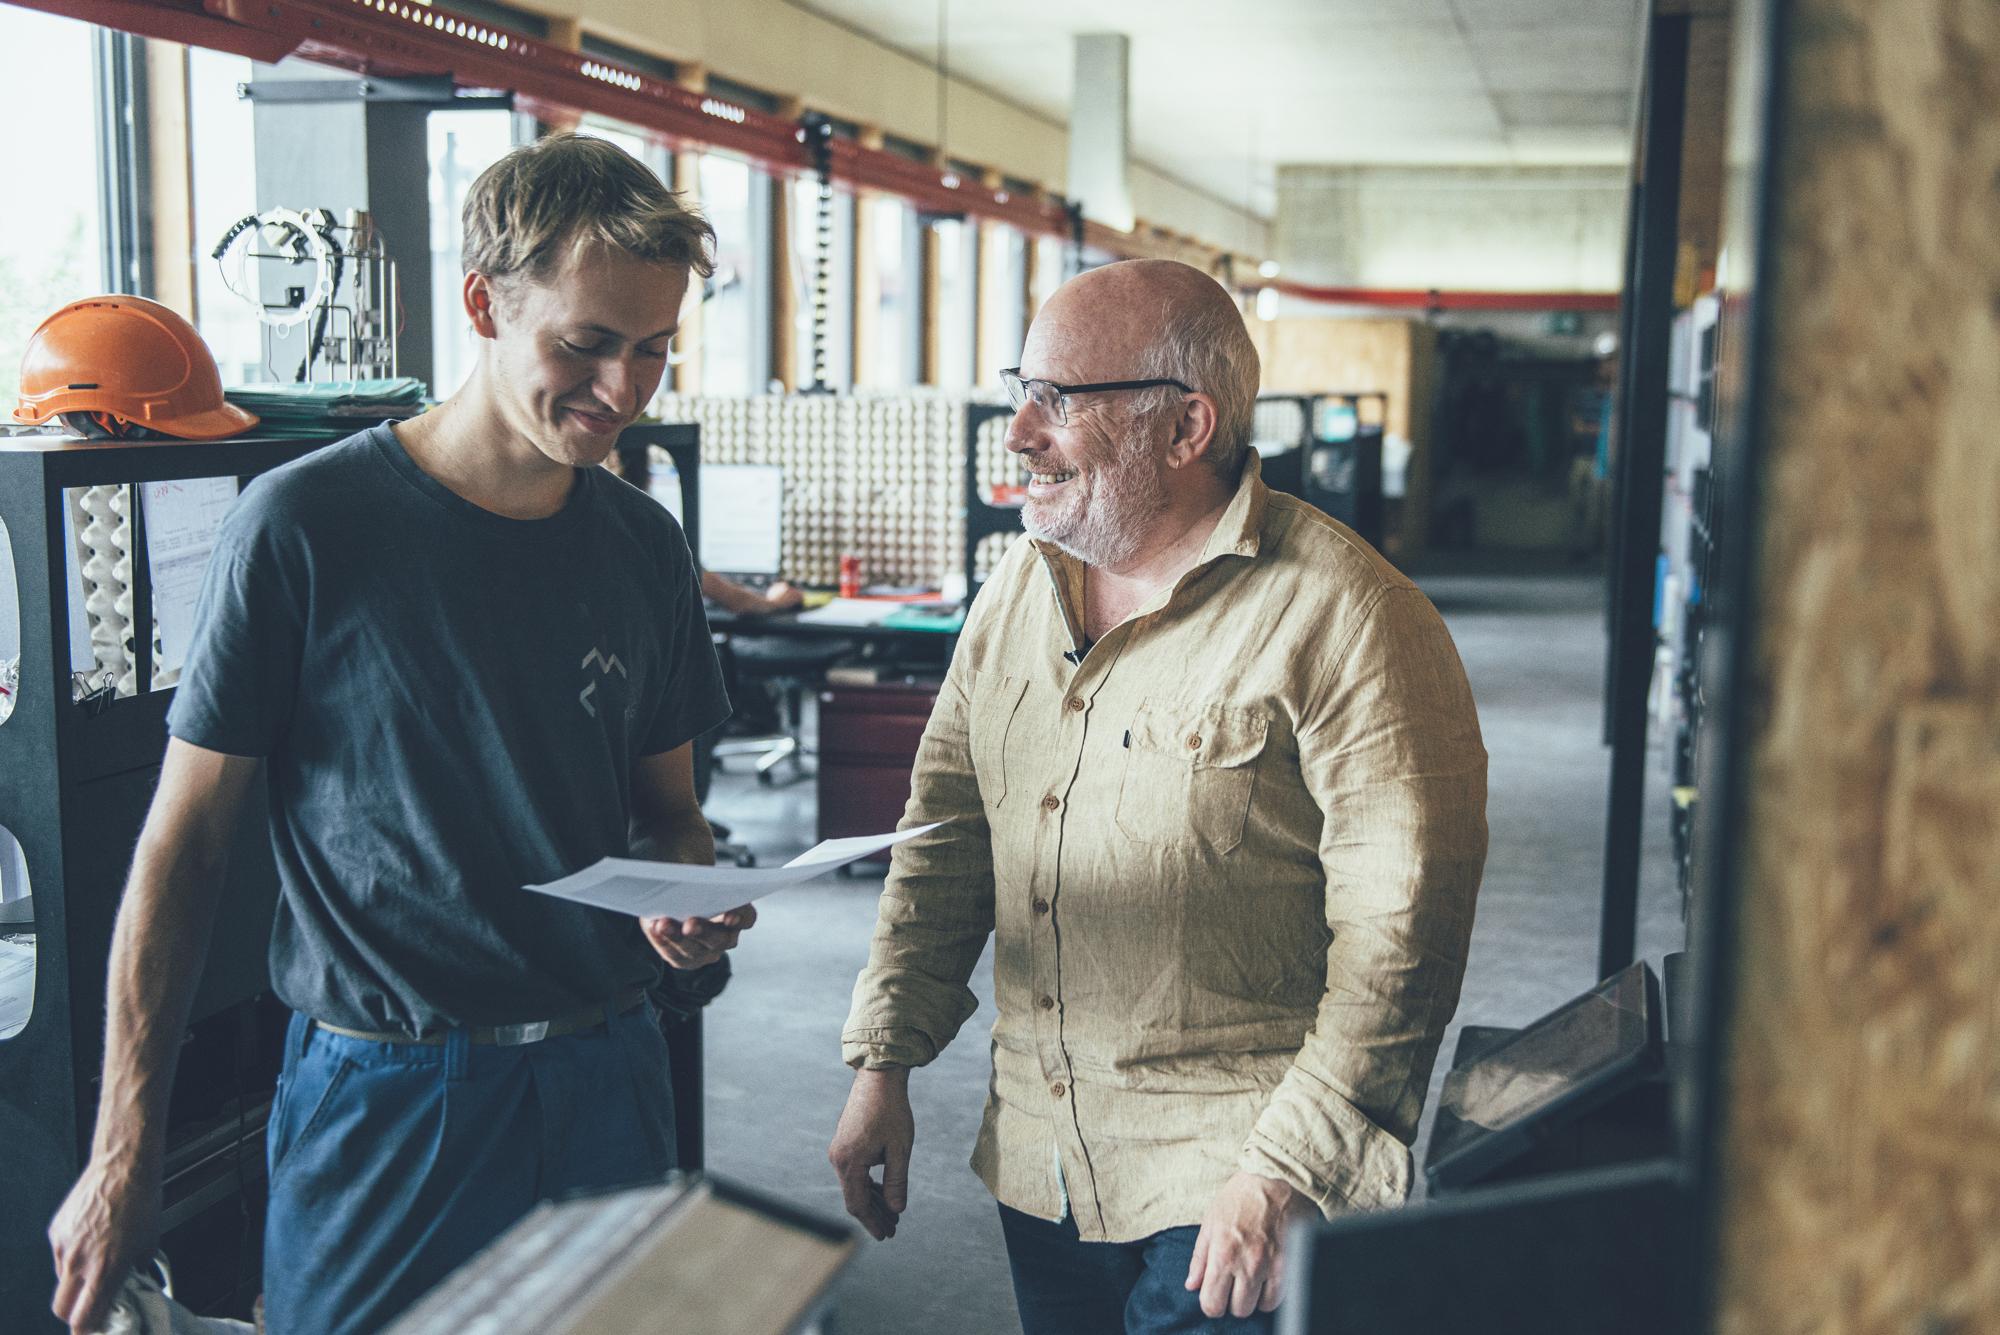 Samuel Fausch, Metallwerk, im Gespräch mit einem Mitarbeiter.